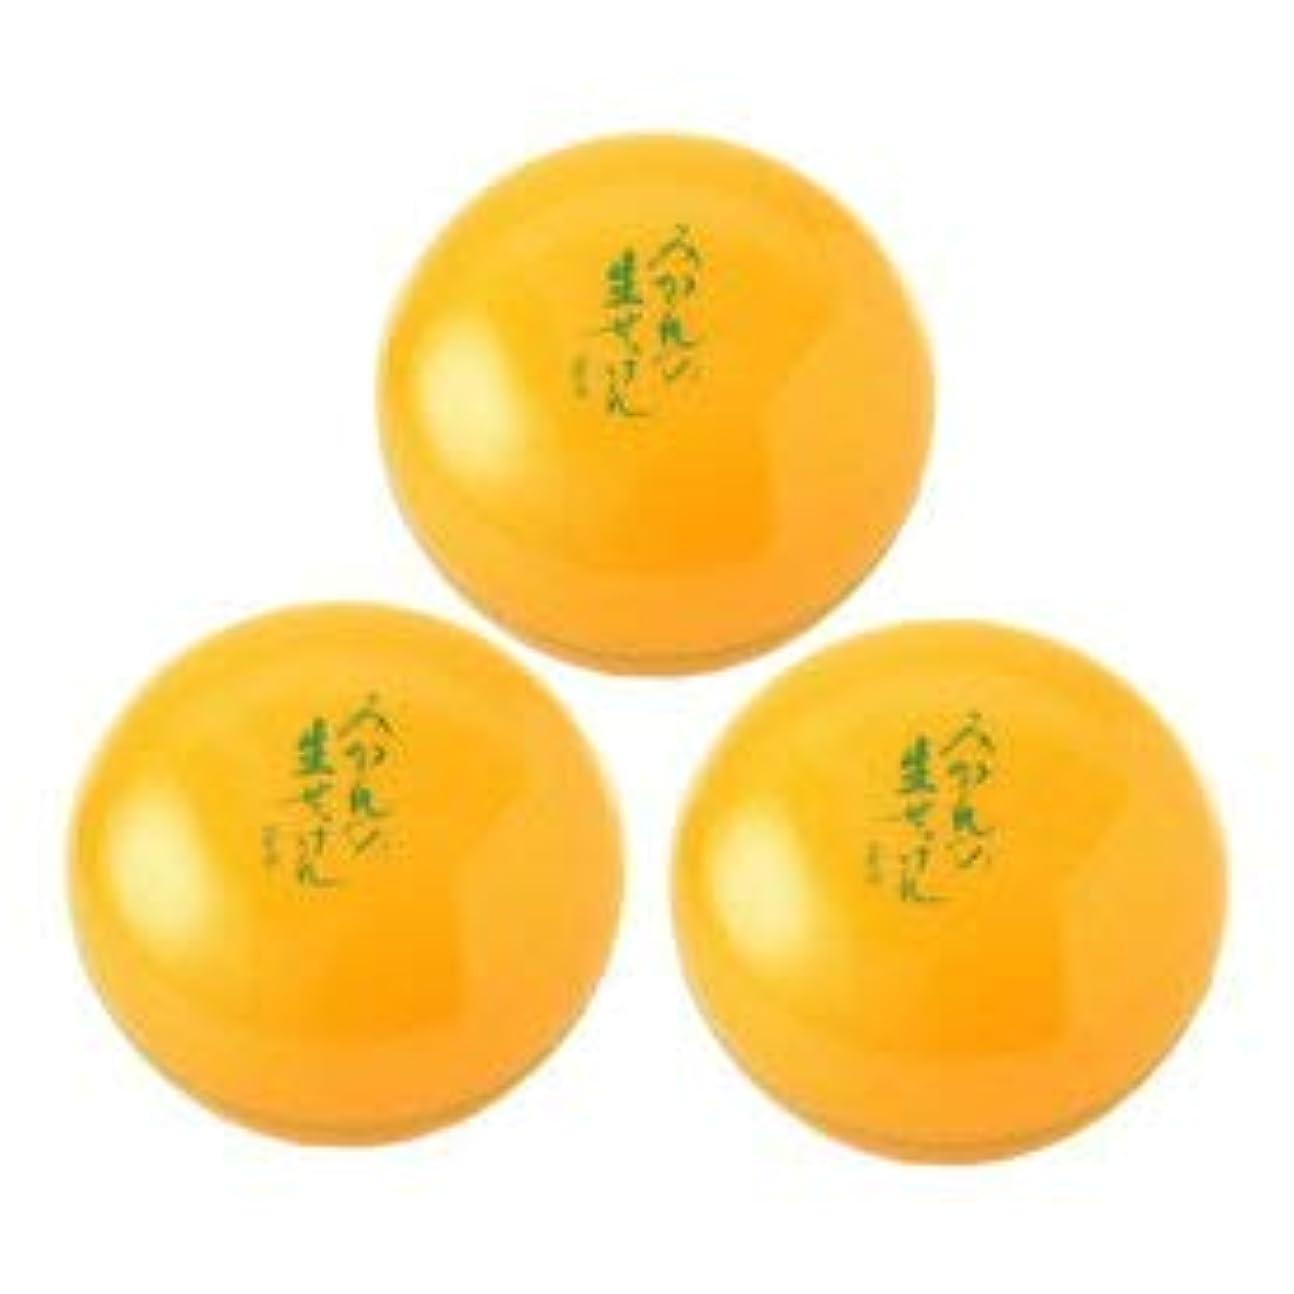 びっくりする春いつかUYEKI美香柑みかんの生せっけん50g×3個セット